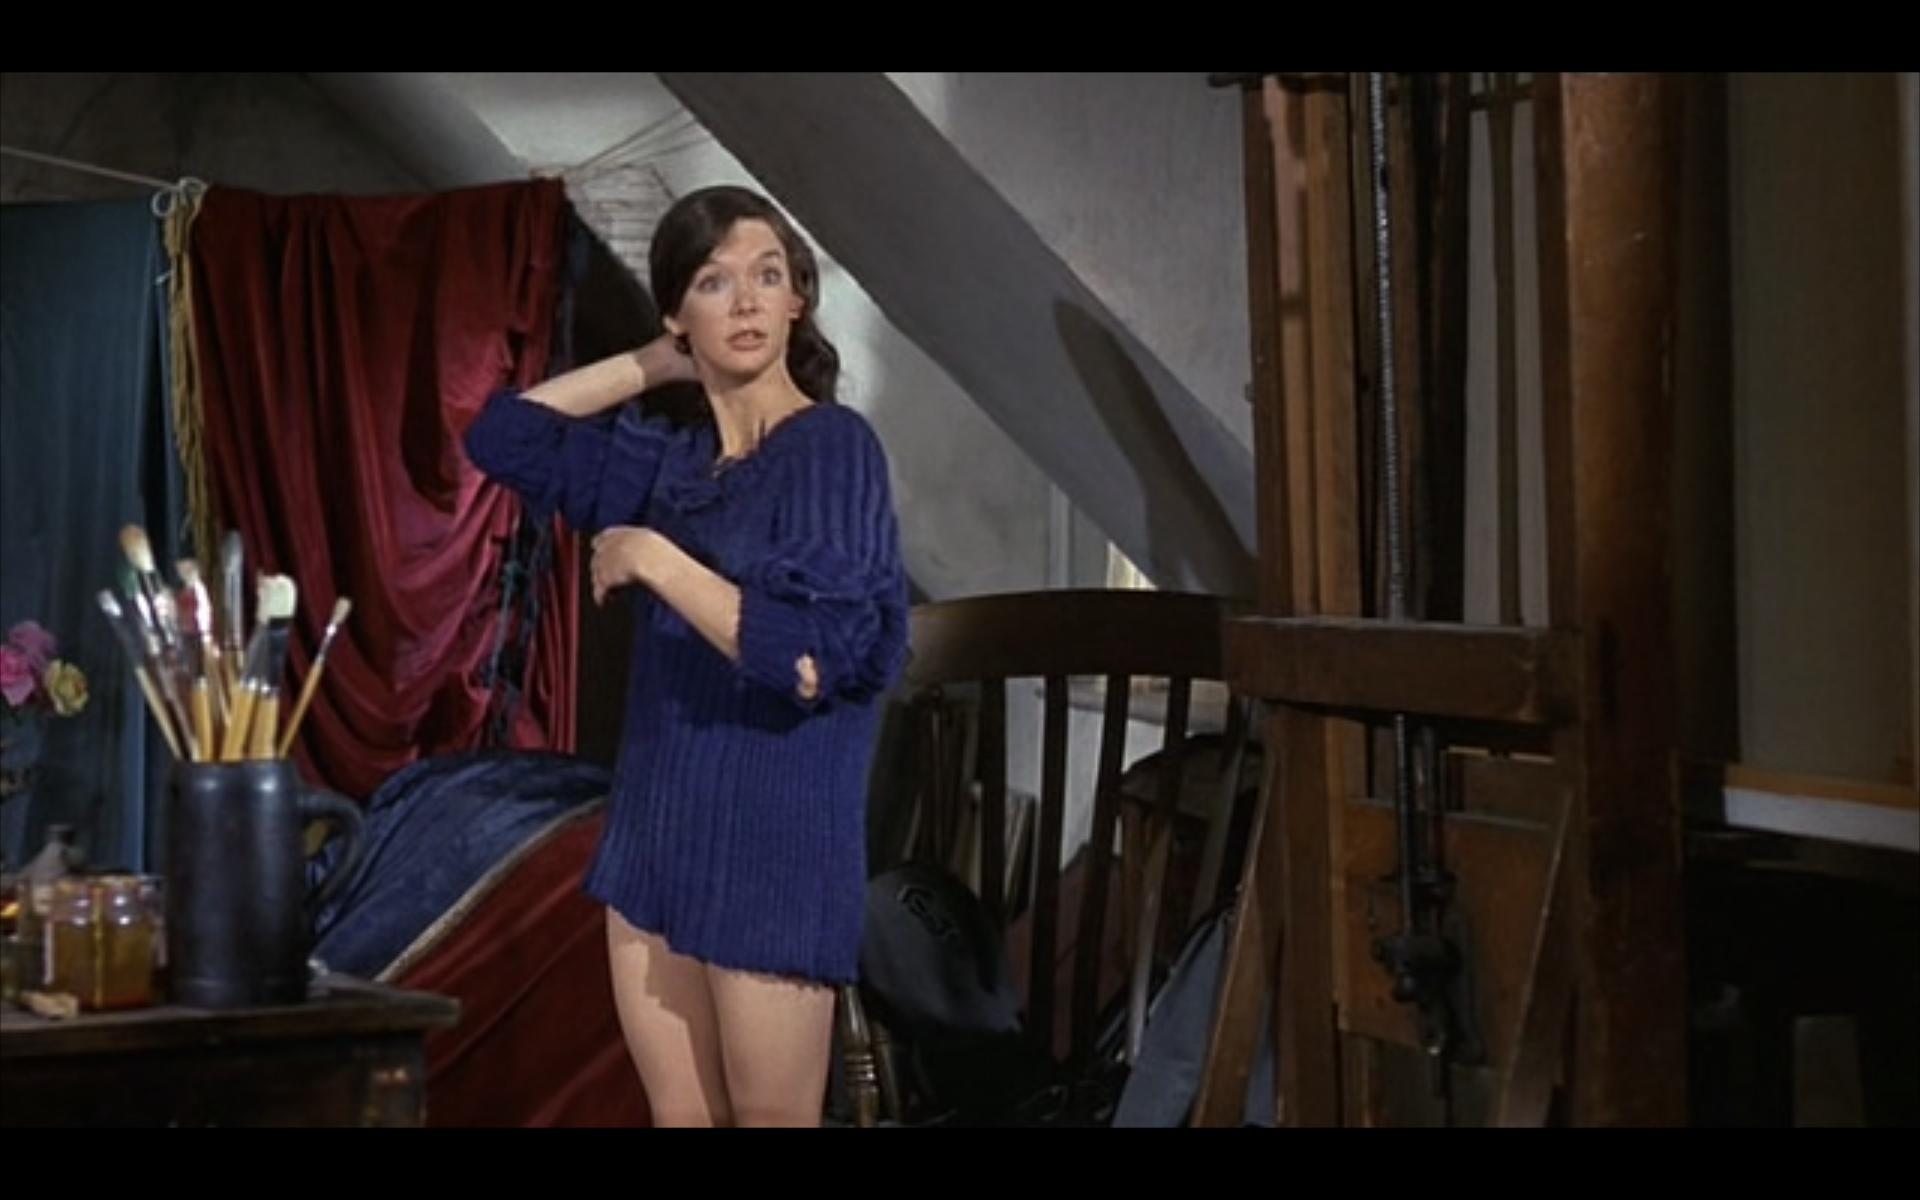 Patricia Dunn (actress)